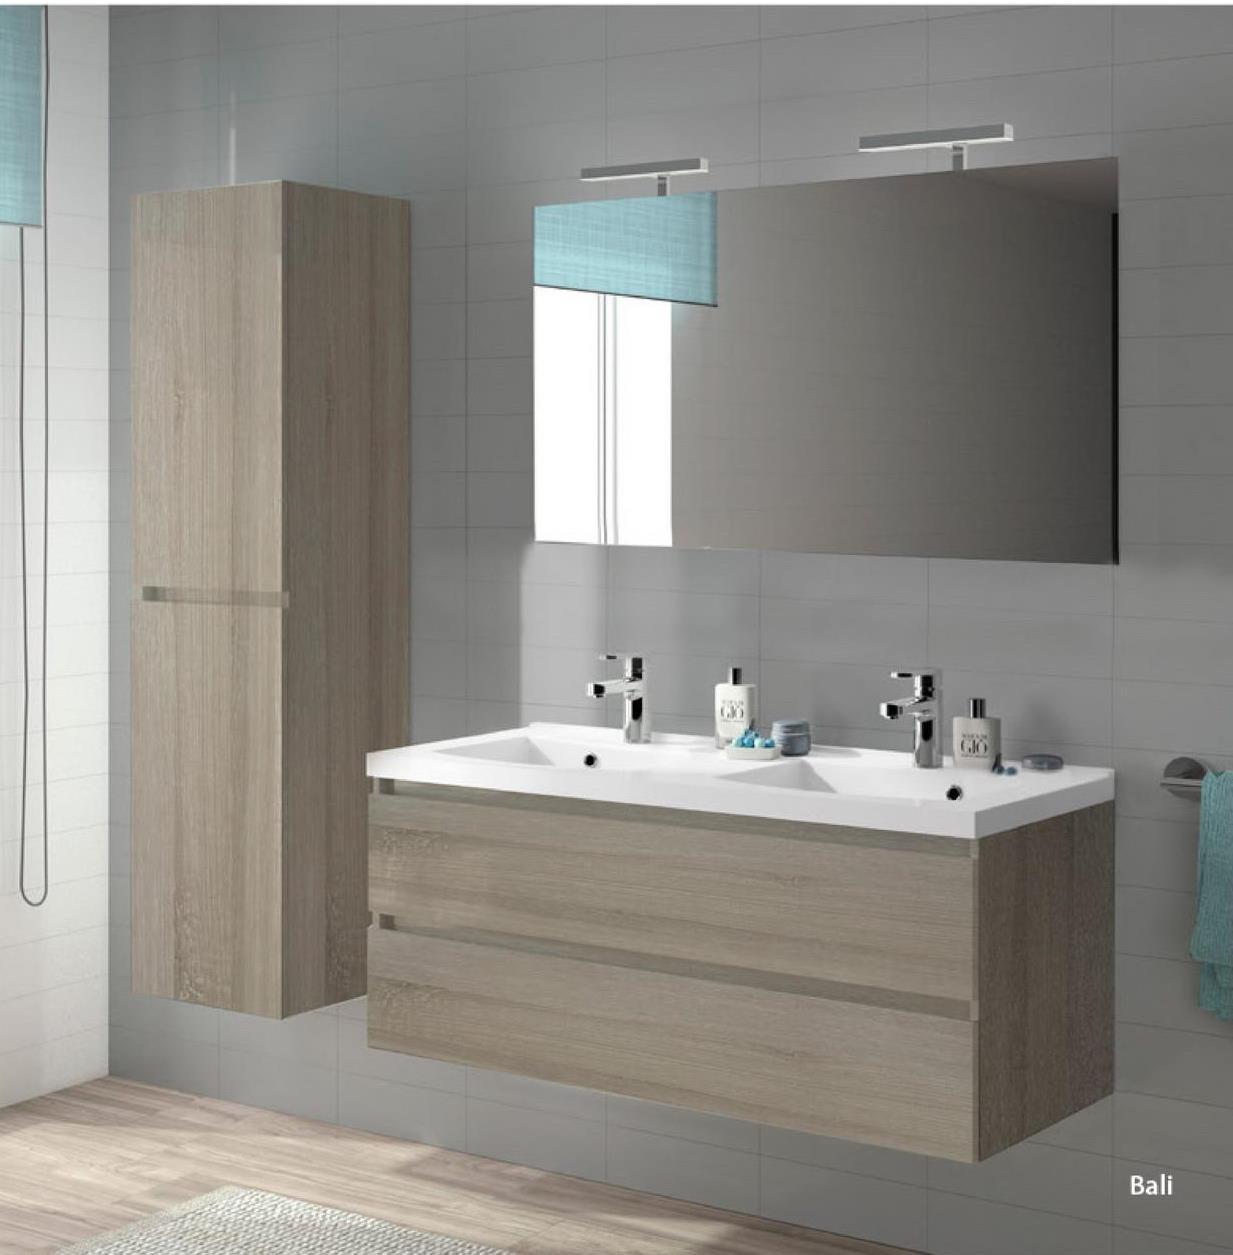 Armoire sous-lavabo Bali 2 tiroirs 2 trous pour siphon 120 cm es molin -